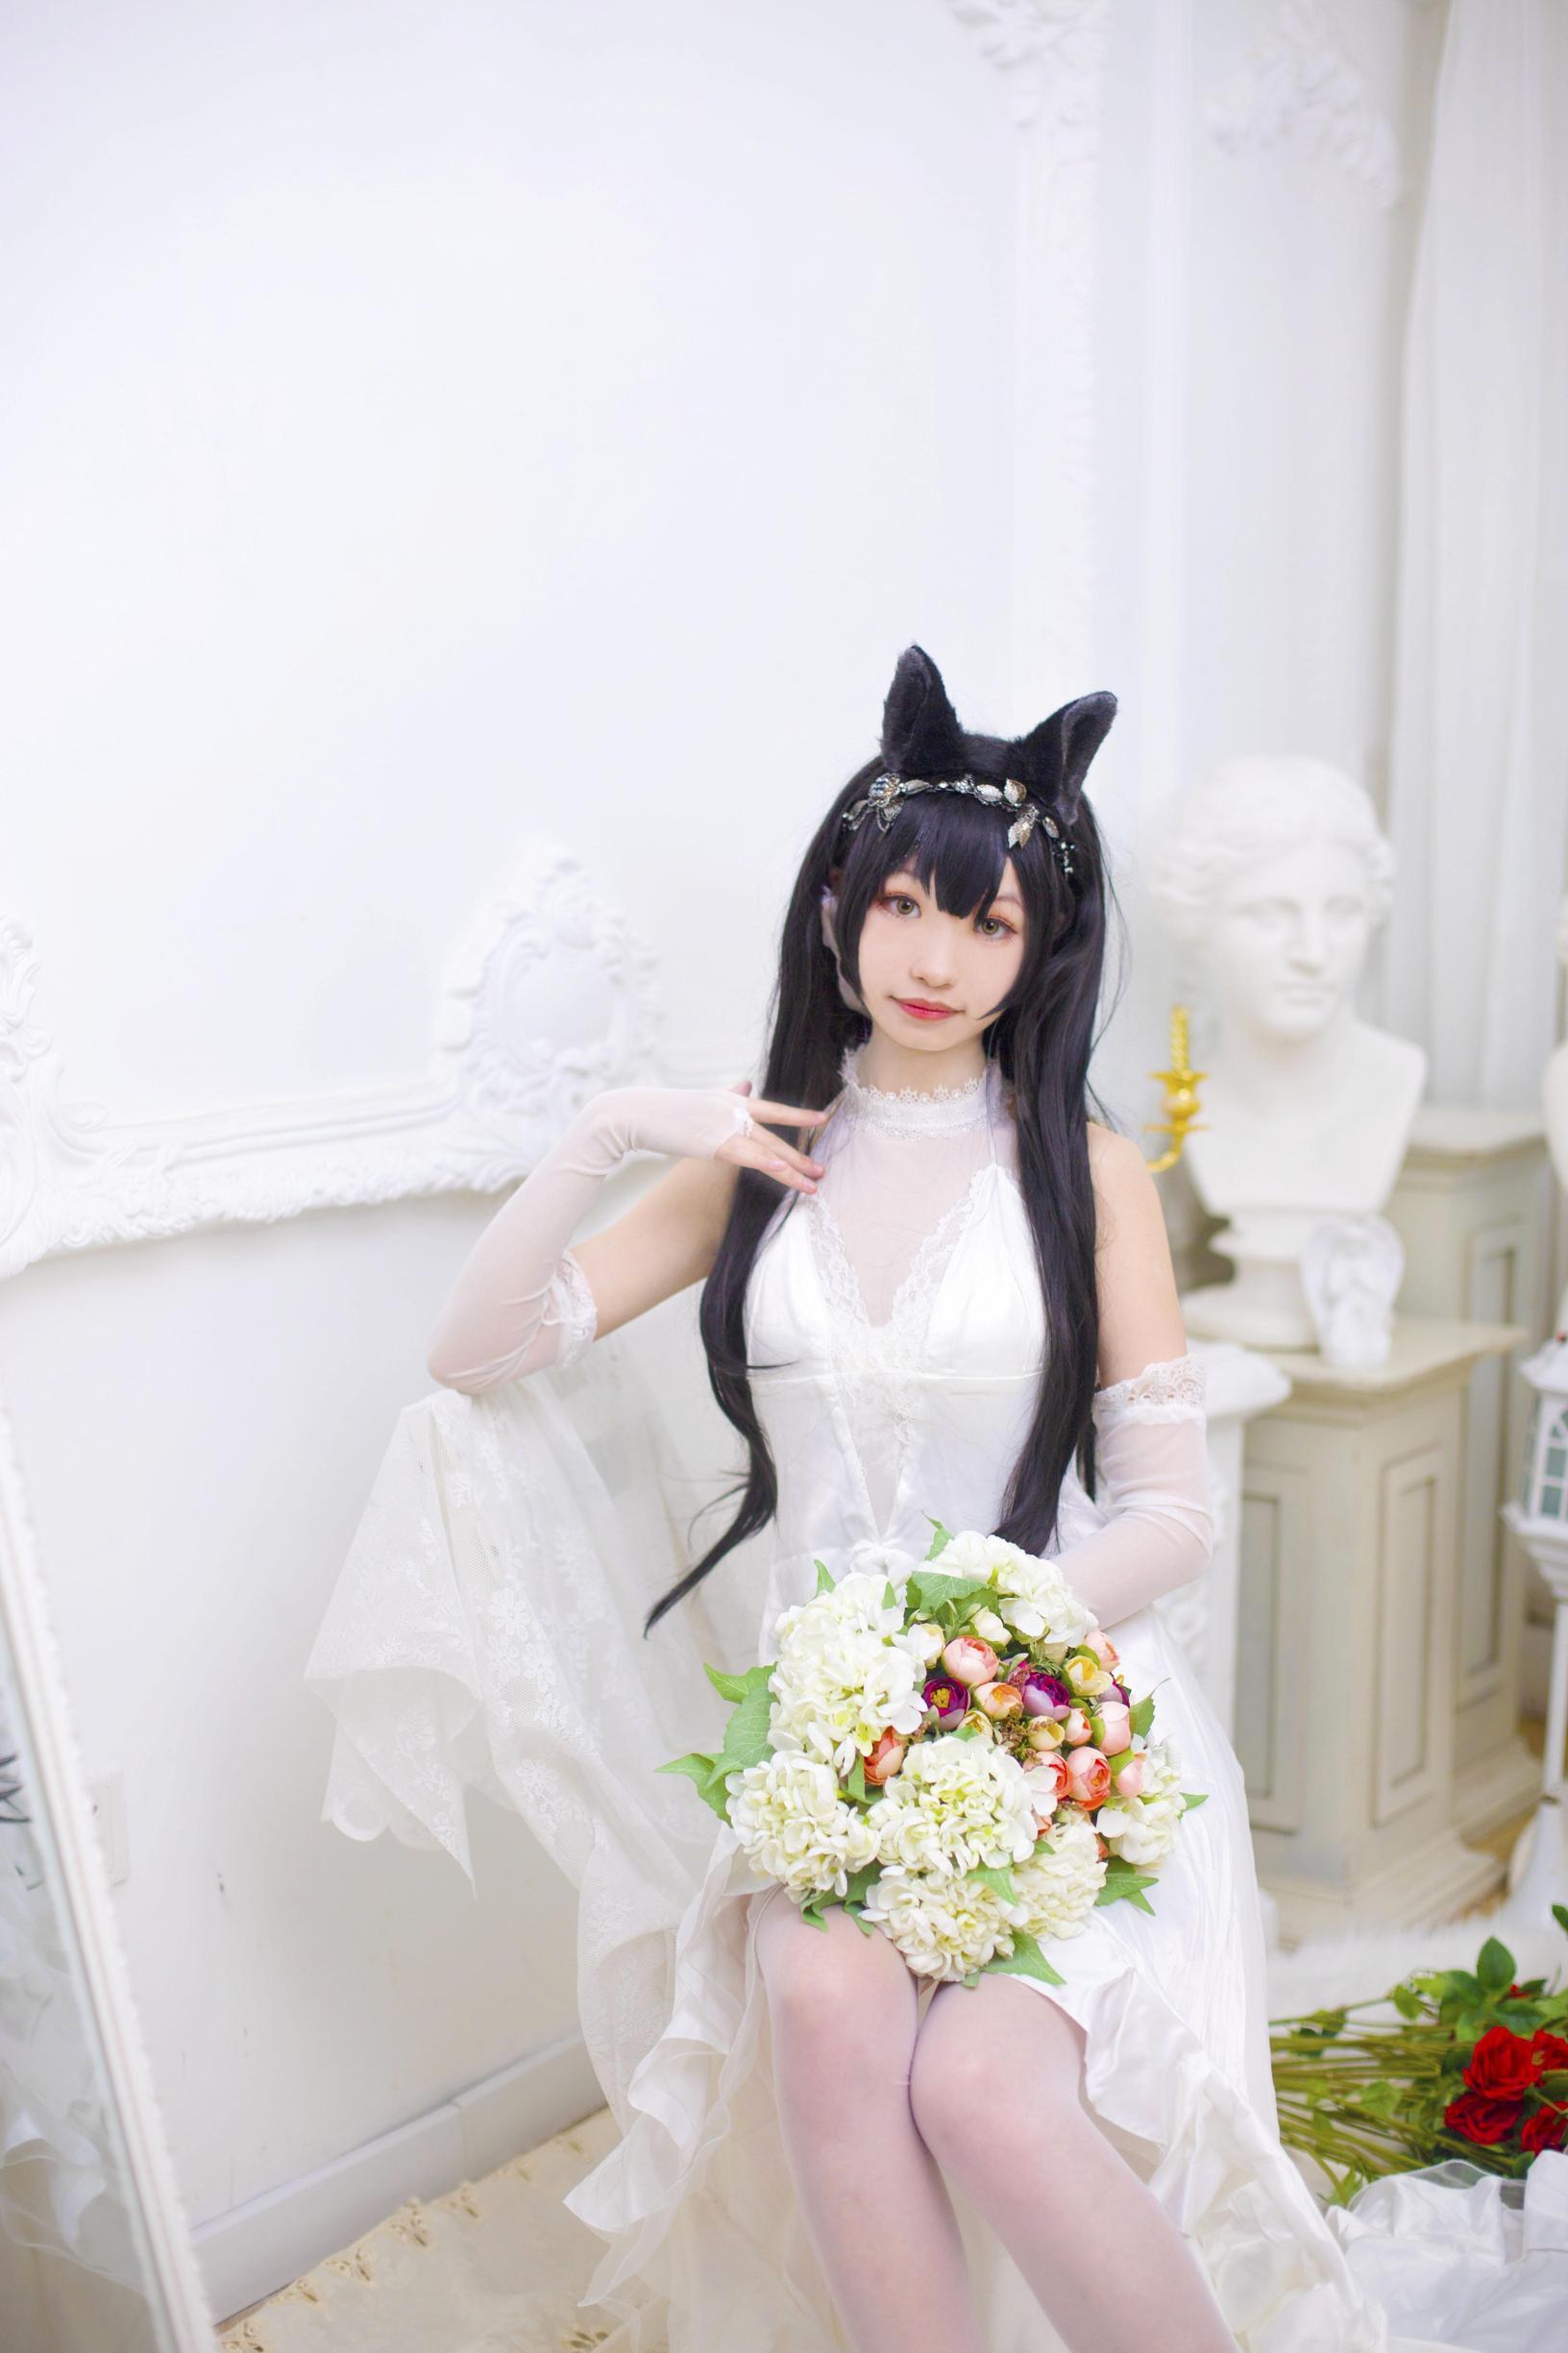 《碧蓝航线》正片cosplay【CN:宇宙不明蓝樱音w】-第12张